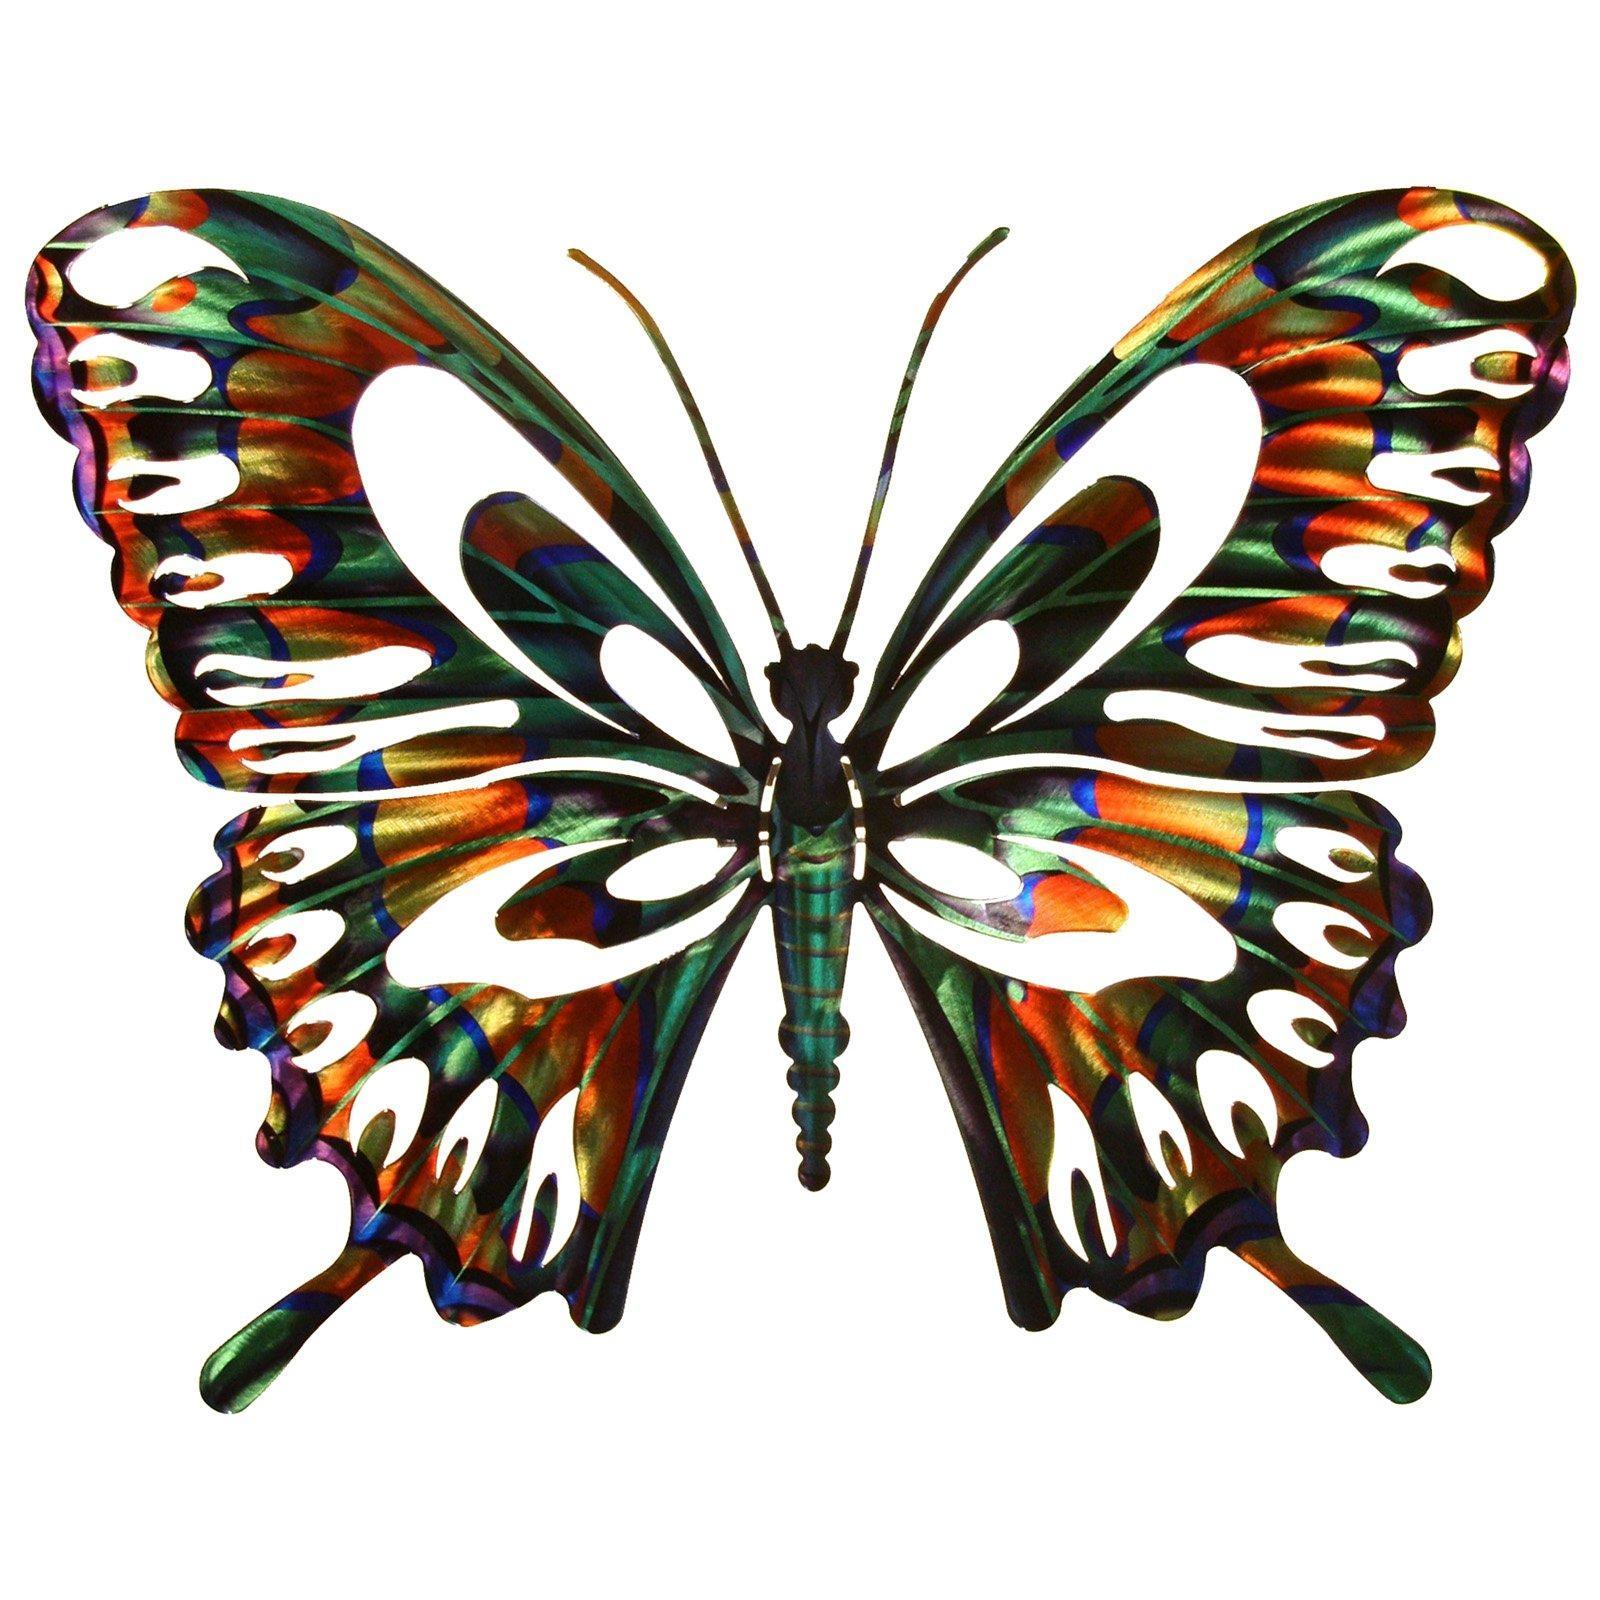 3D Butterfly Metal Outdoor Wall Art | Hayneedle regarding Outside Metal Wall Art